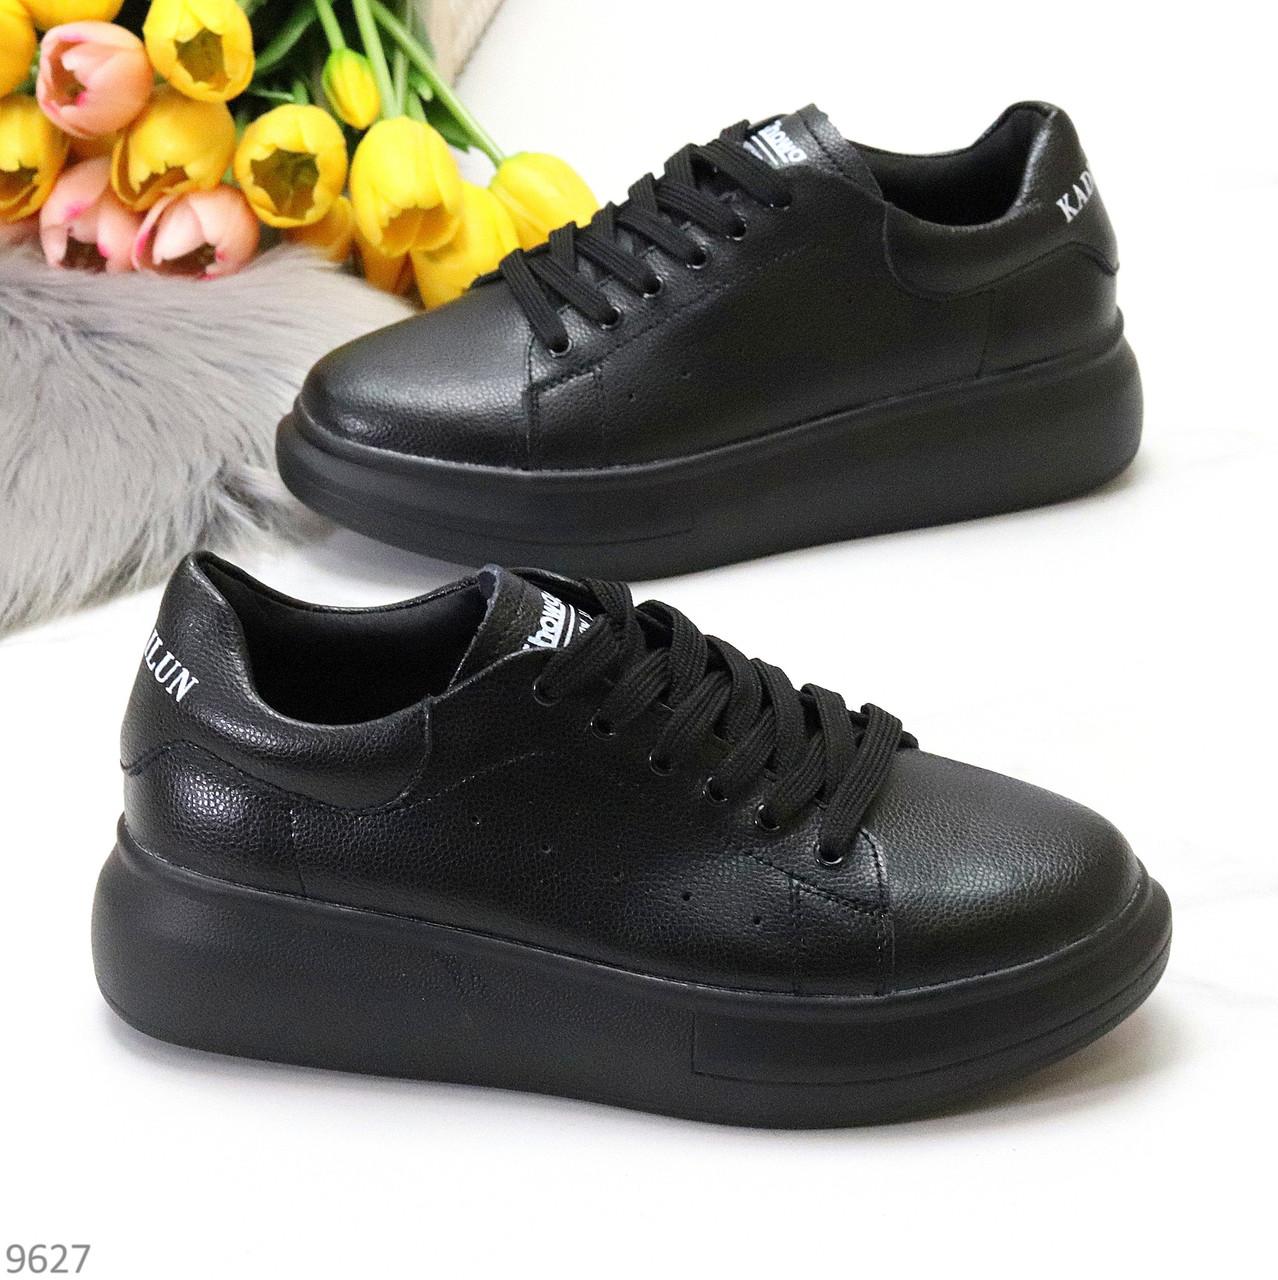 Чорні шкіряні жіночі модельні кросівки, кеди кріпери з натуральної шкіри